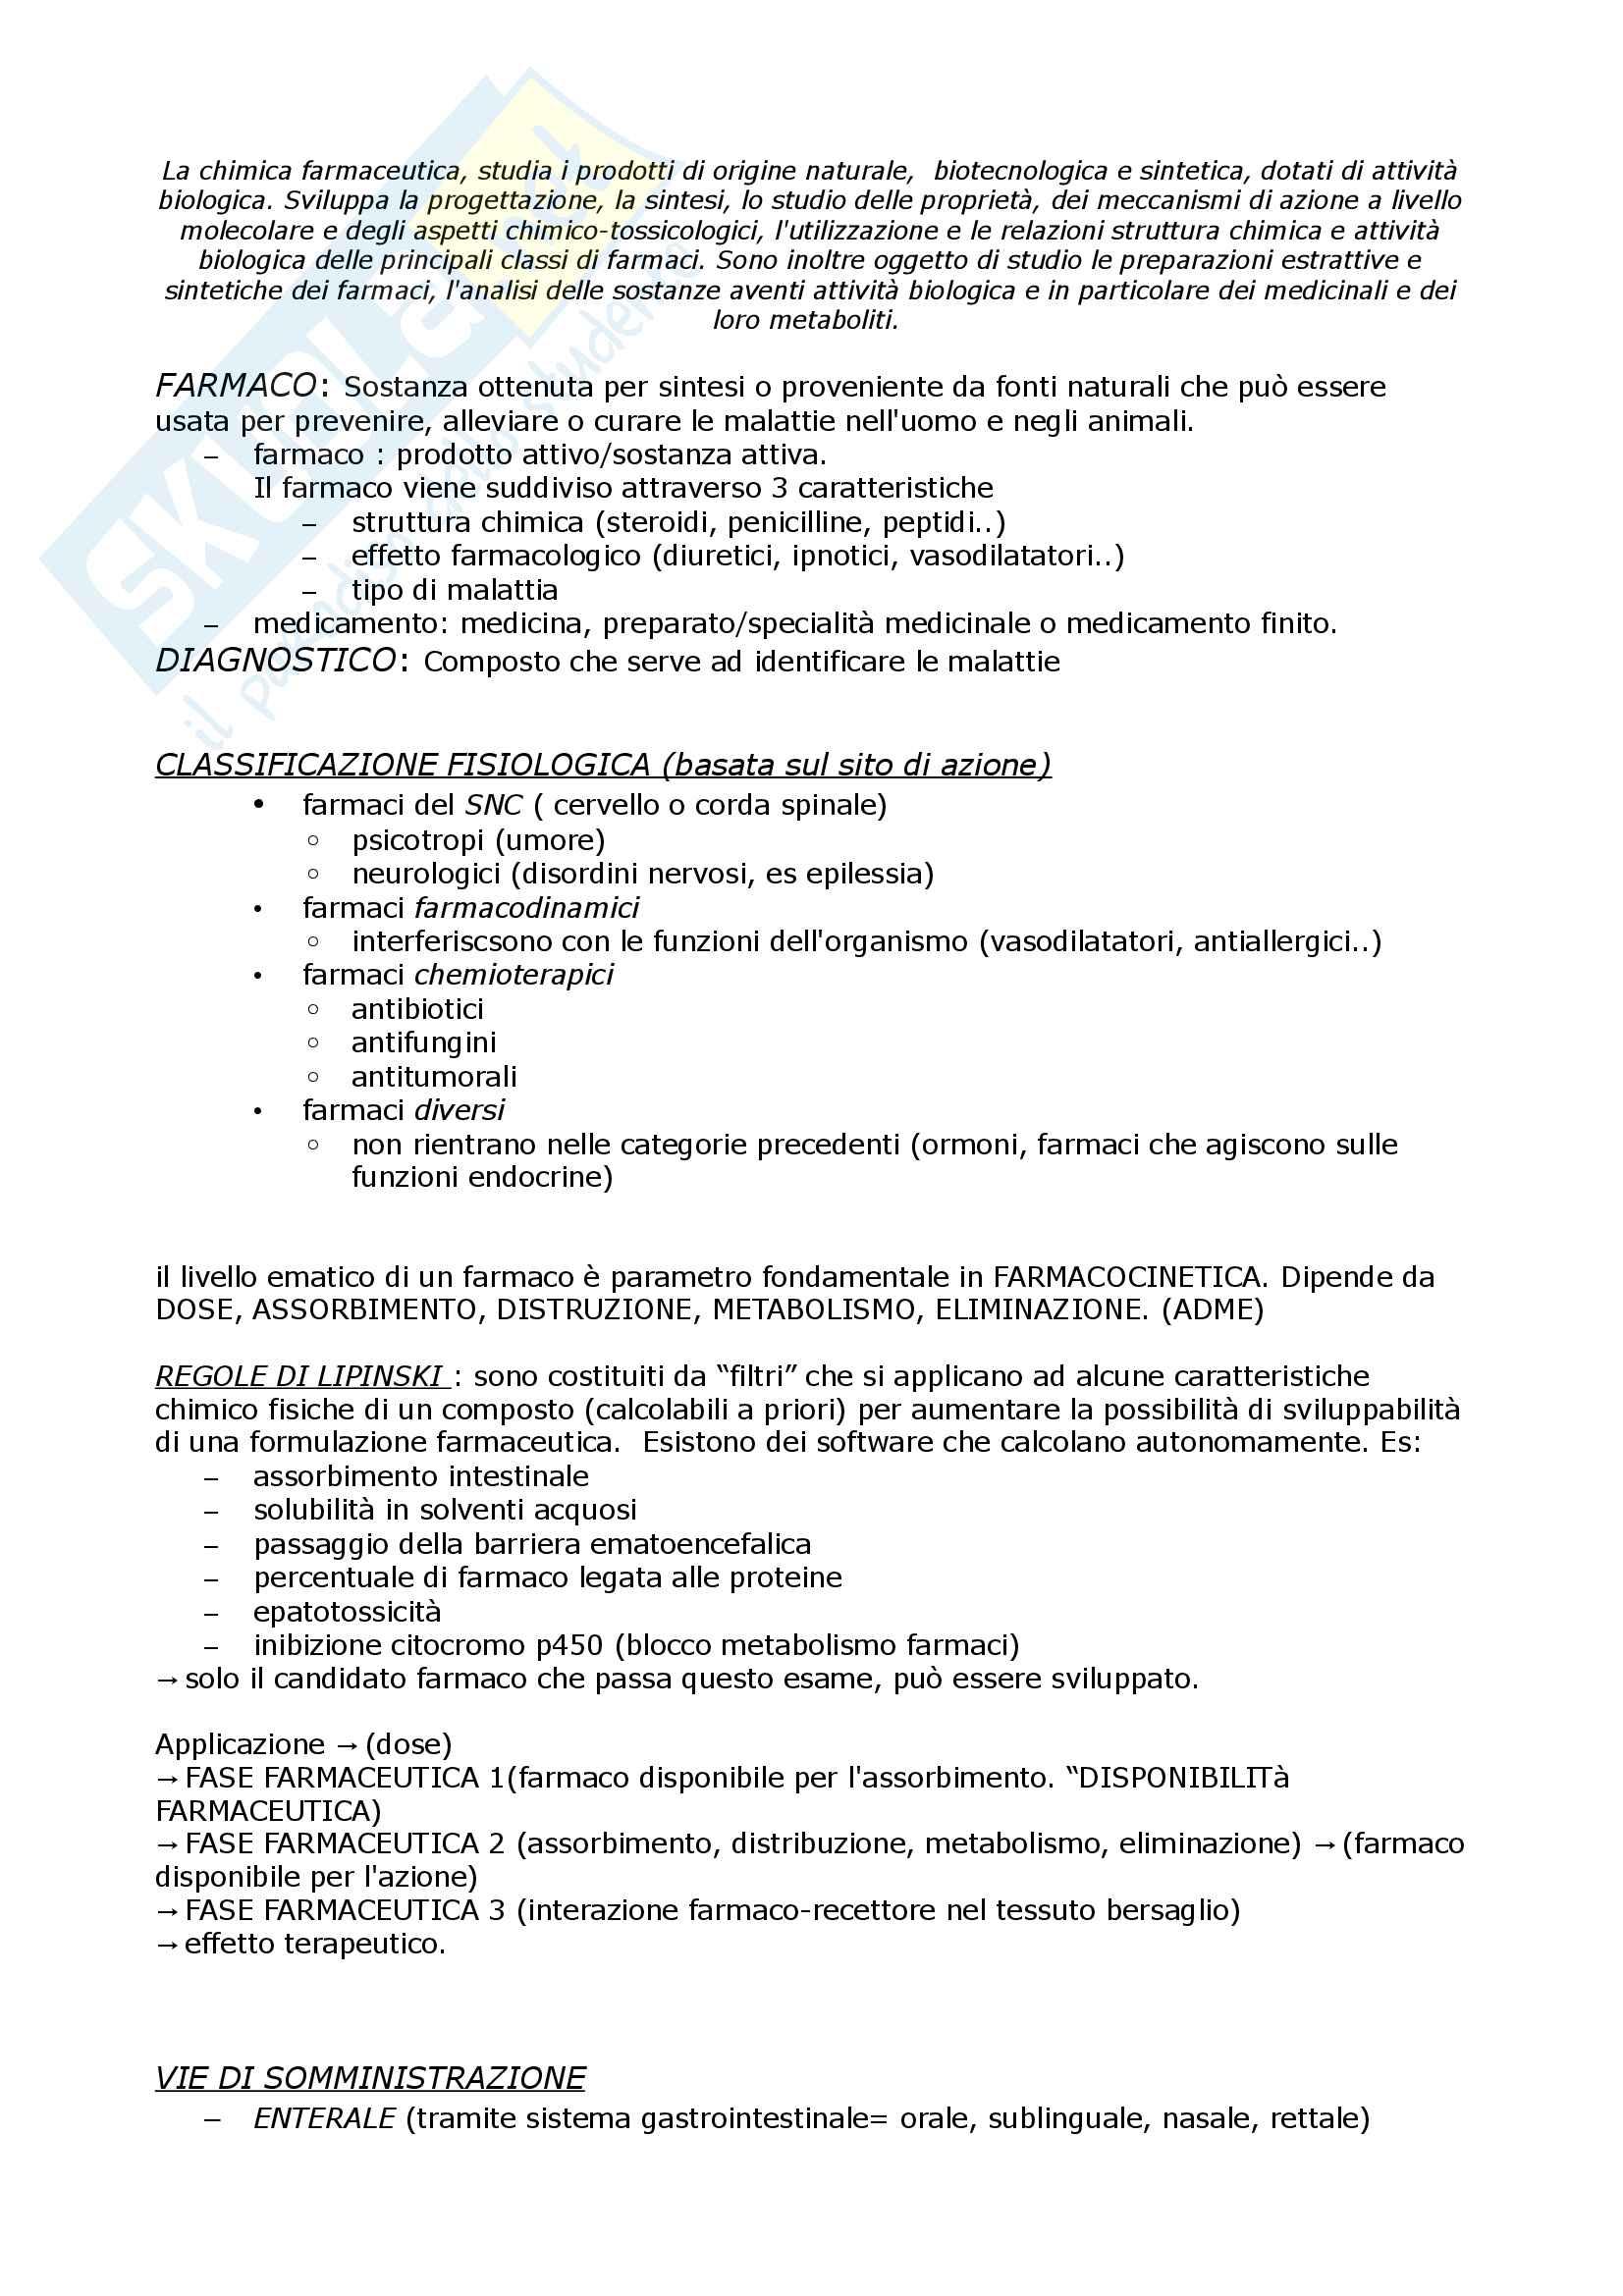 CHIMICA F T 1 prof Rampa parte 1